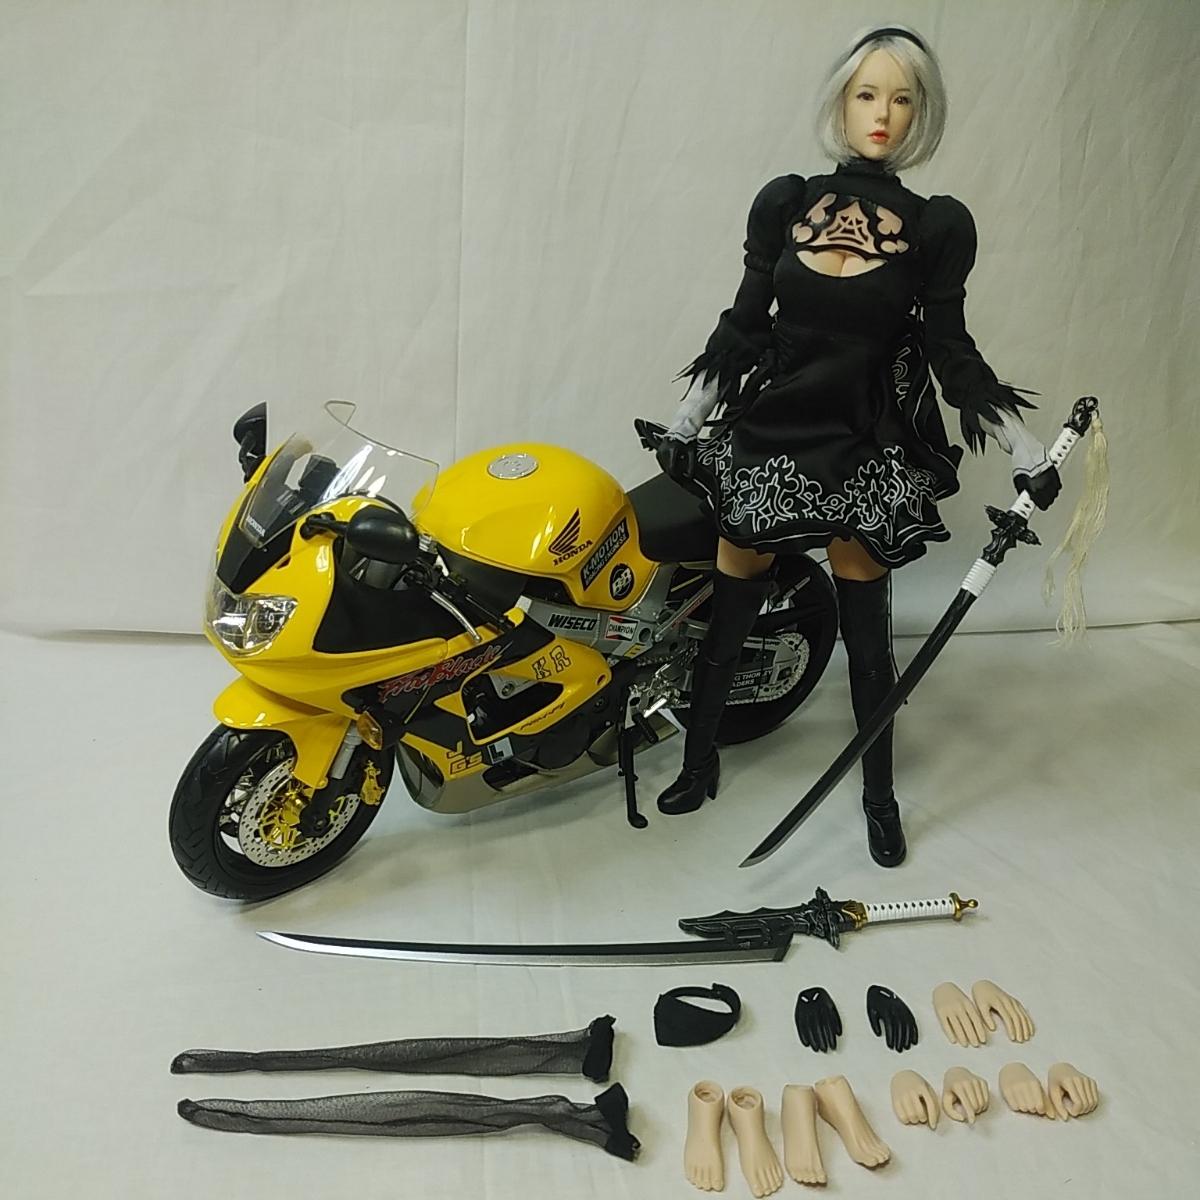 1/6ニーアオートマタヨルハ二号ヘッド衣装ファイセンtbリーグ製シームレスシリコンアクションフィギュアHondaCBR1000RRバイクのフルセット_画像2